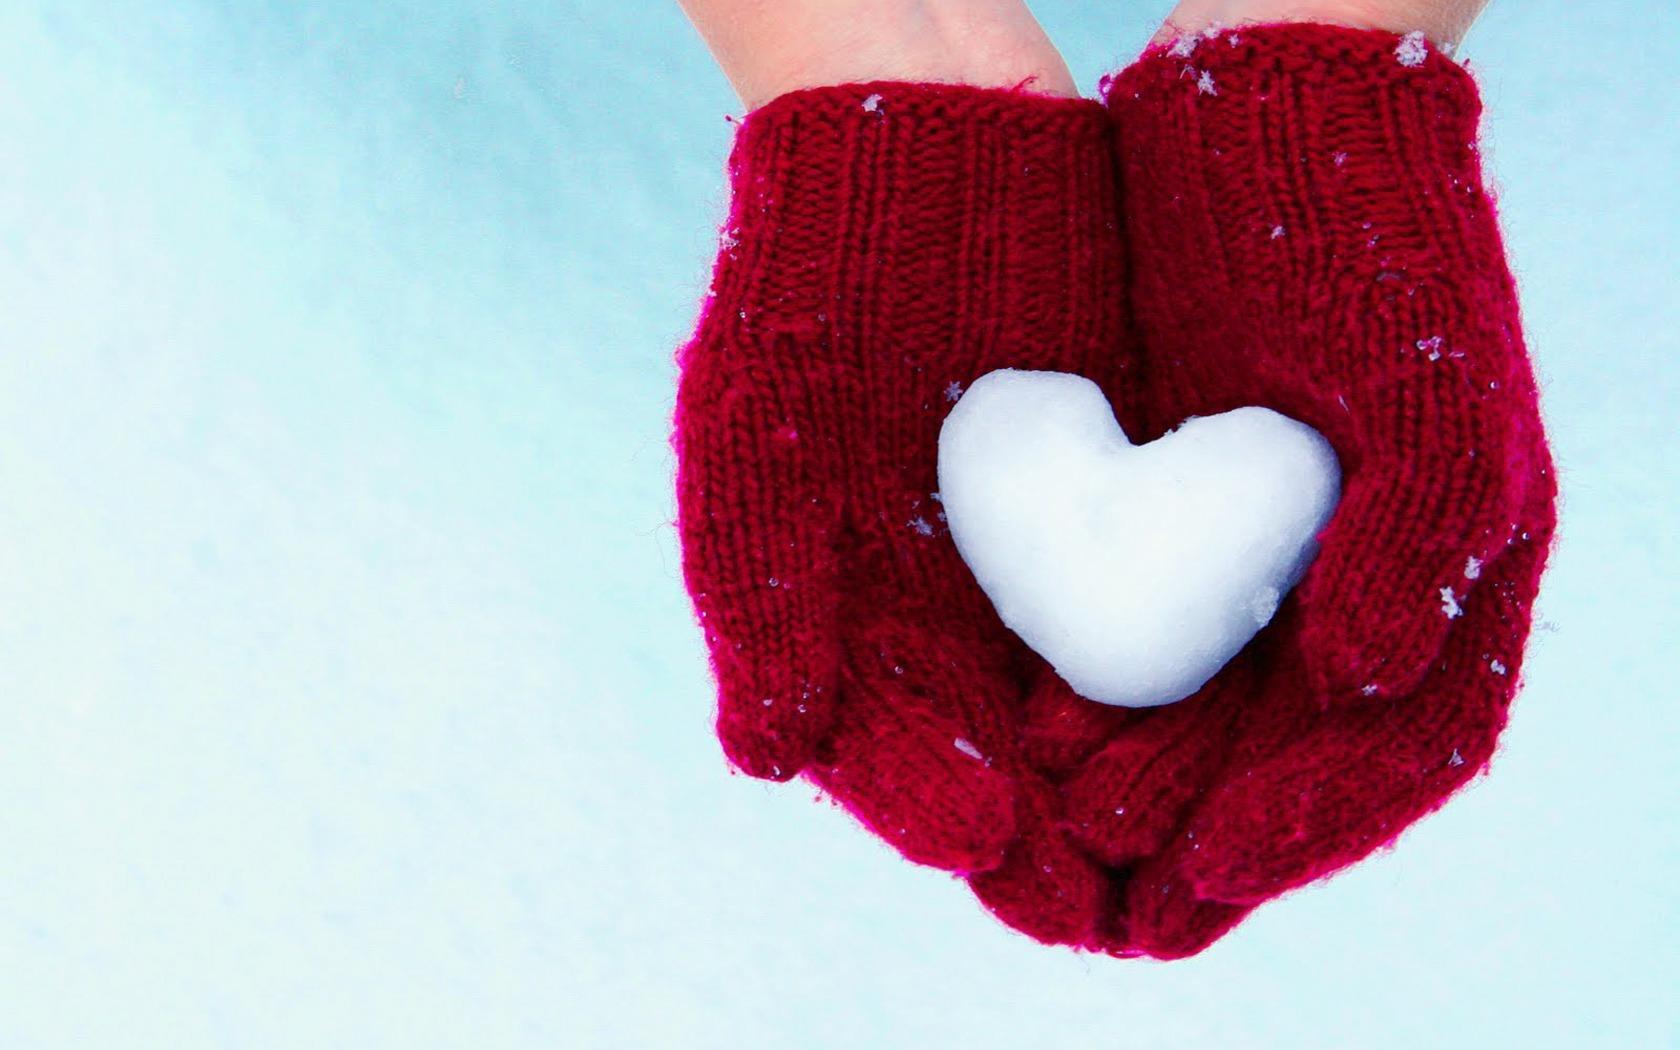 Image result for Μην πληγώνεις τις καρδιές άλλων